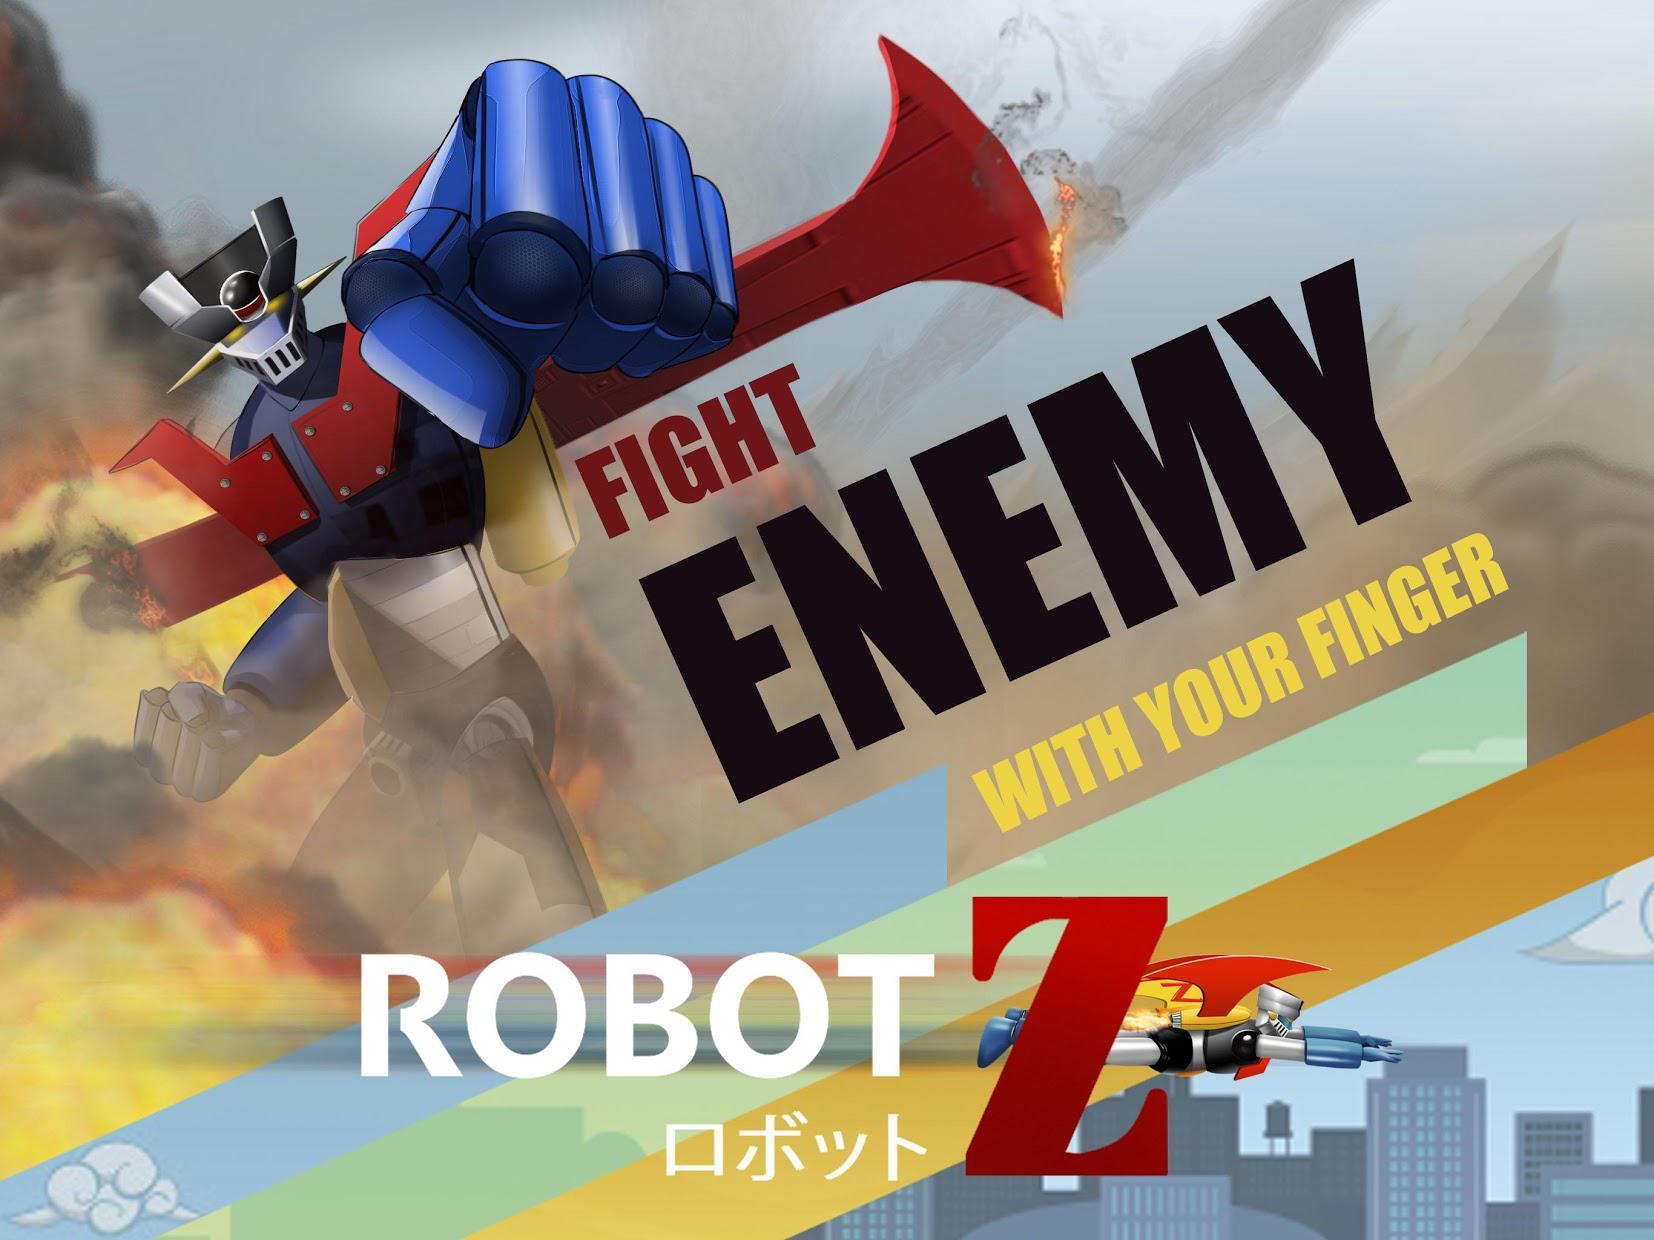 机器人ž - 绘制道路线救市 游戏截图2